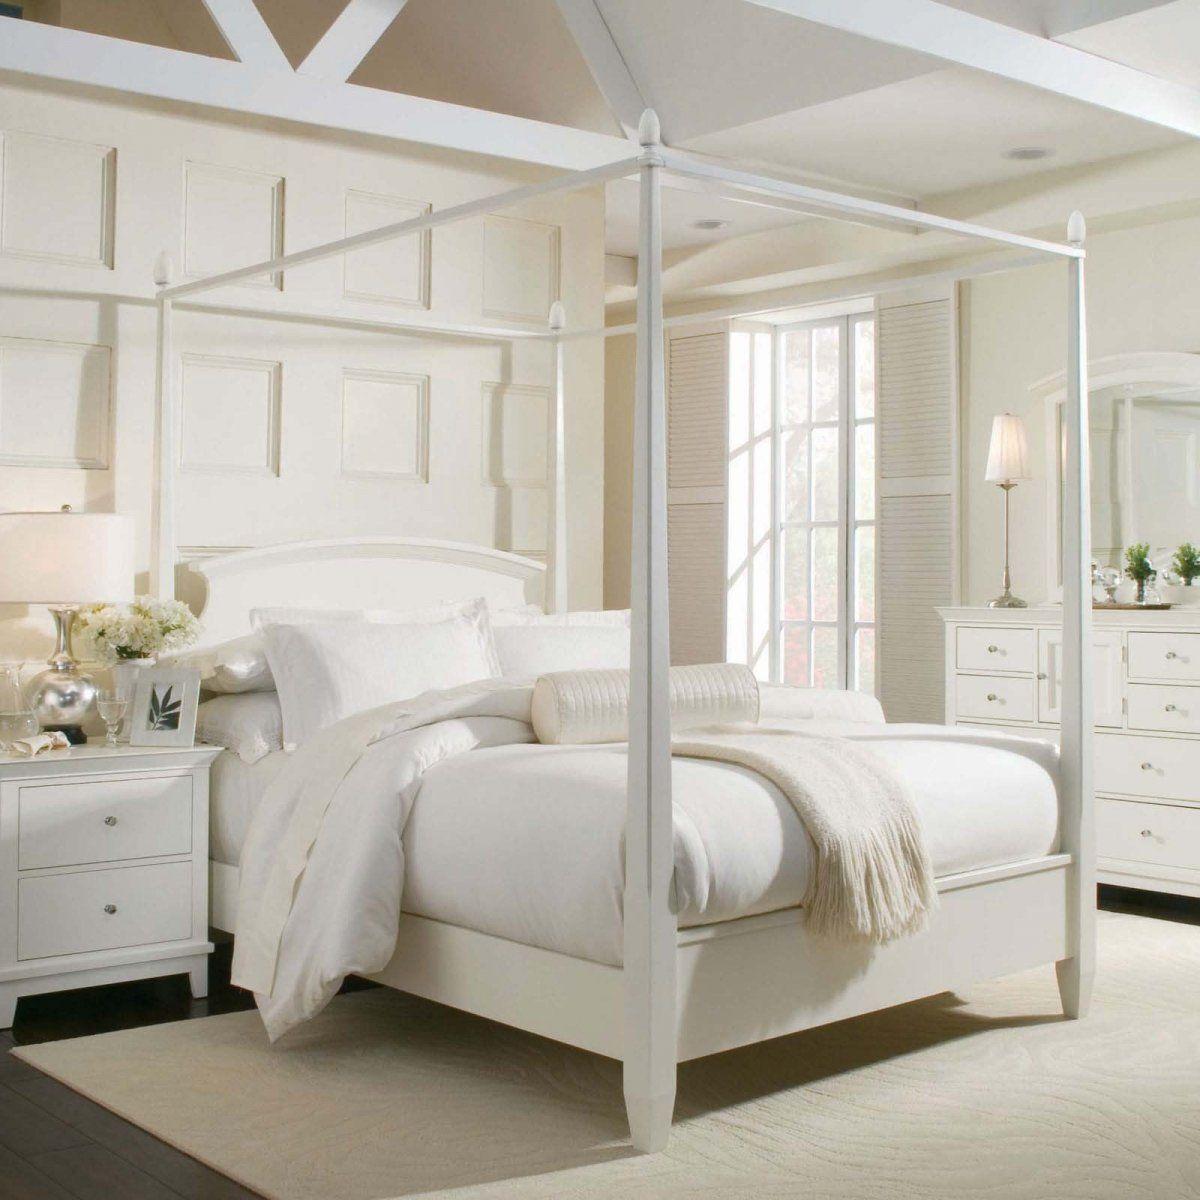 Seleção de camas com dossel. BricoDecoracao.com | ape | Pinterest